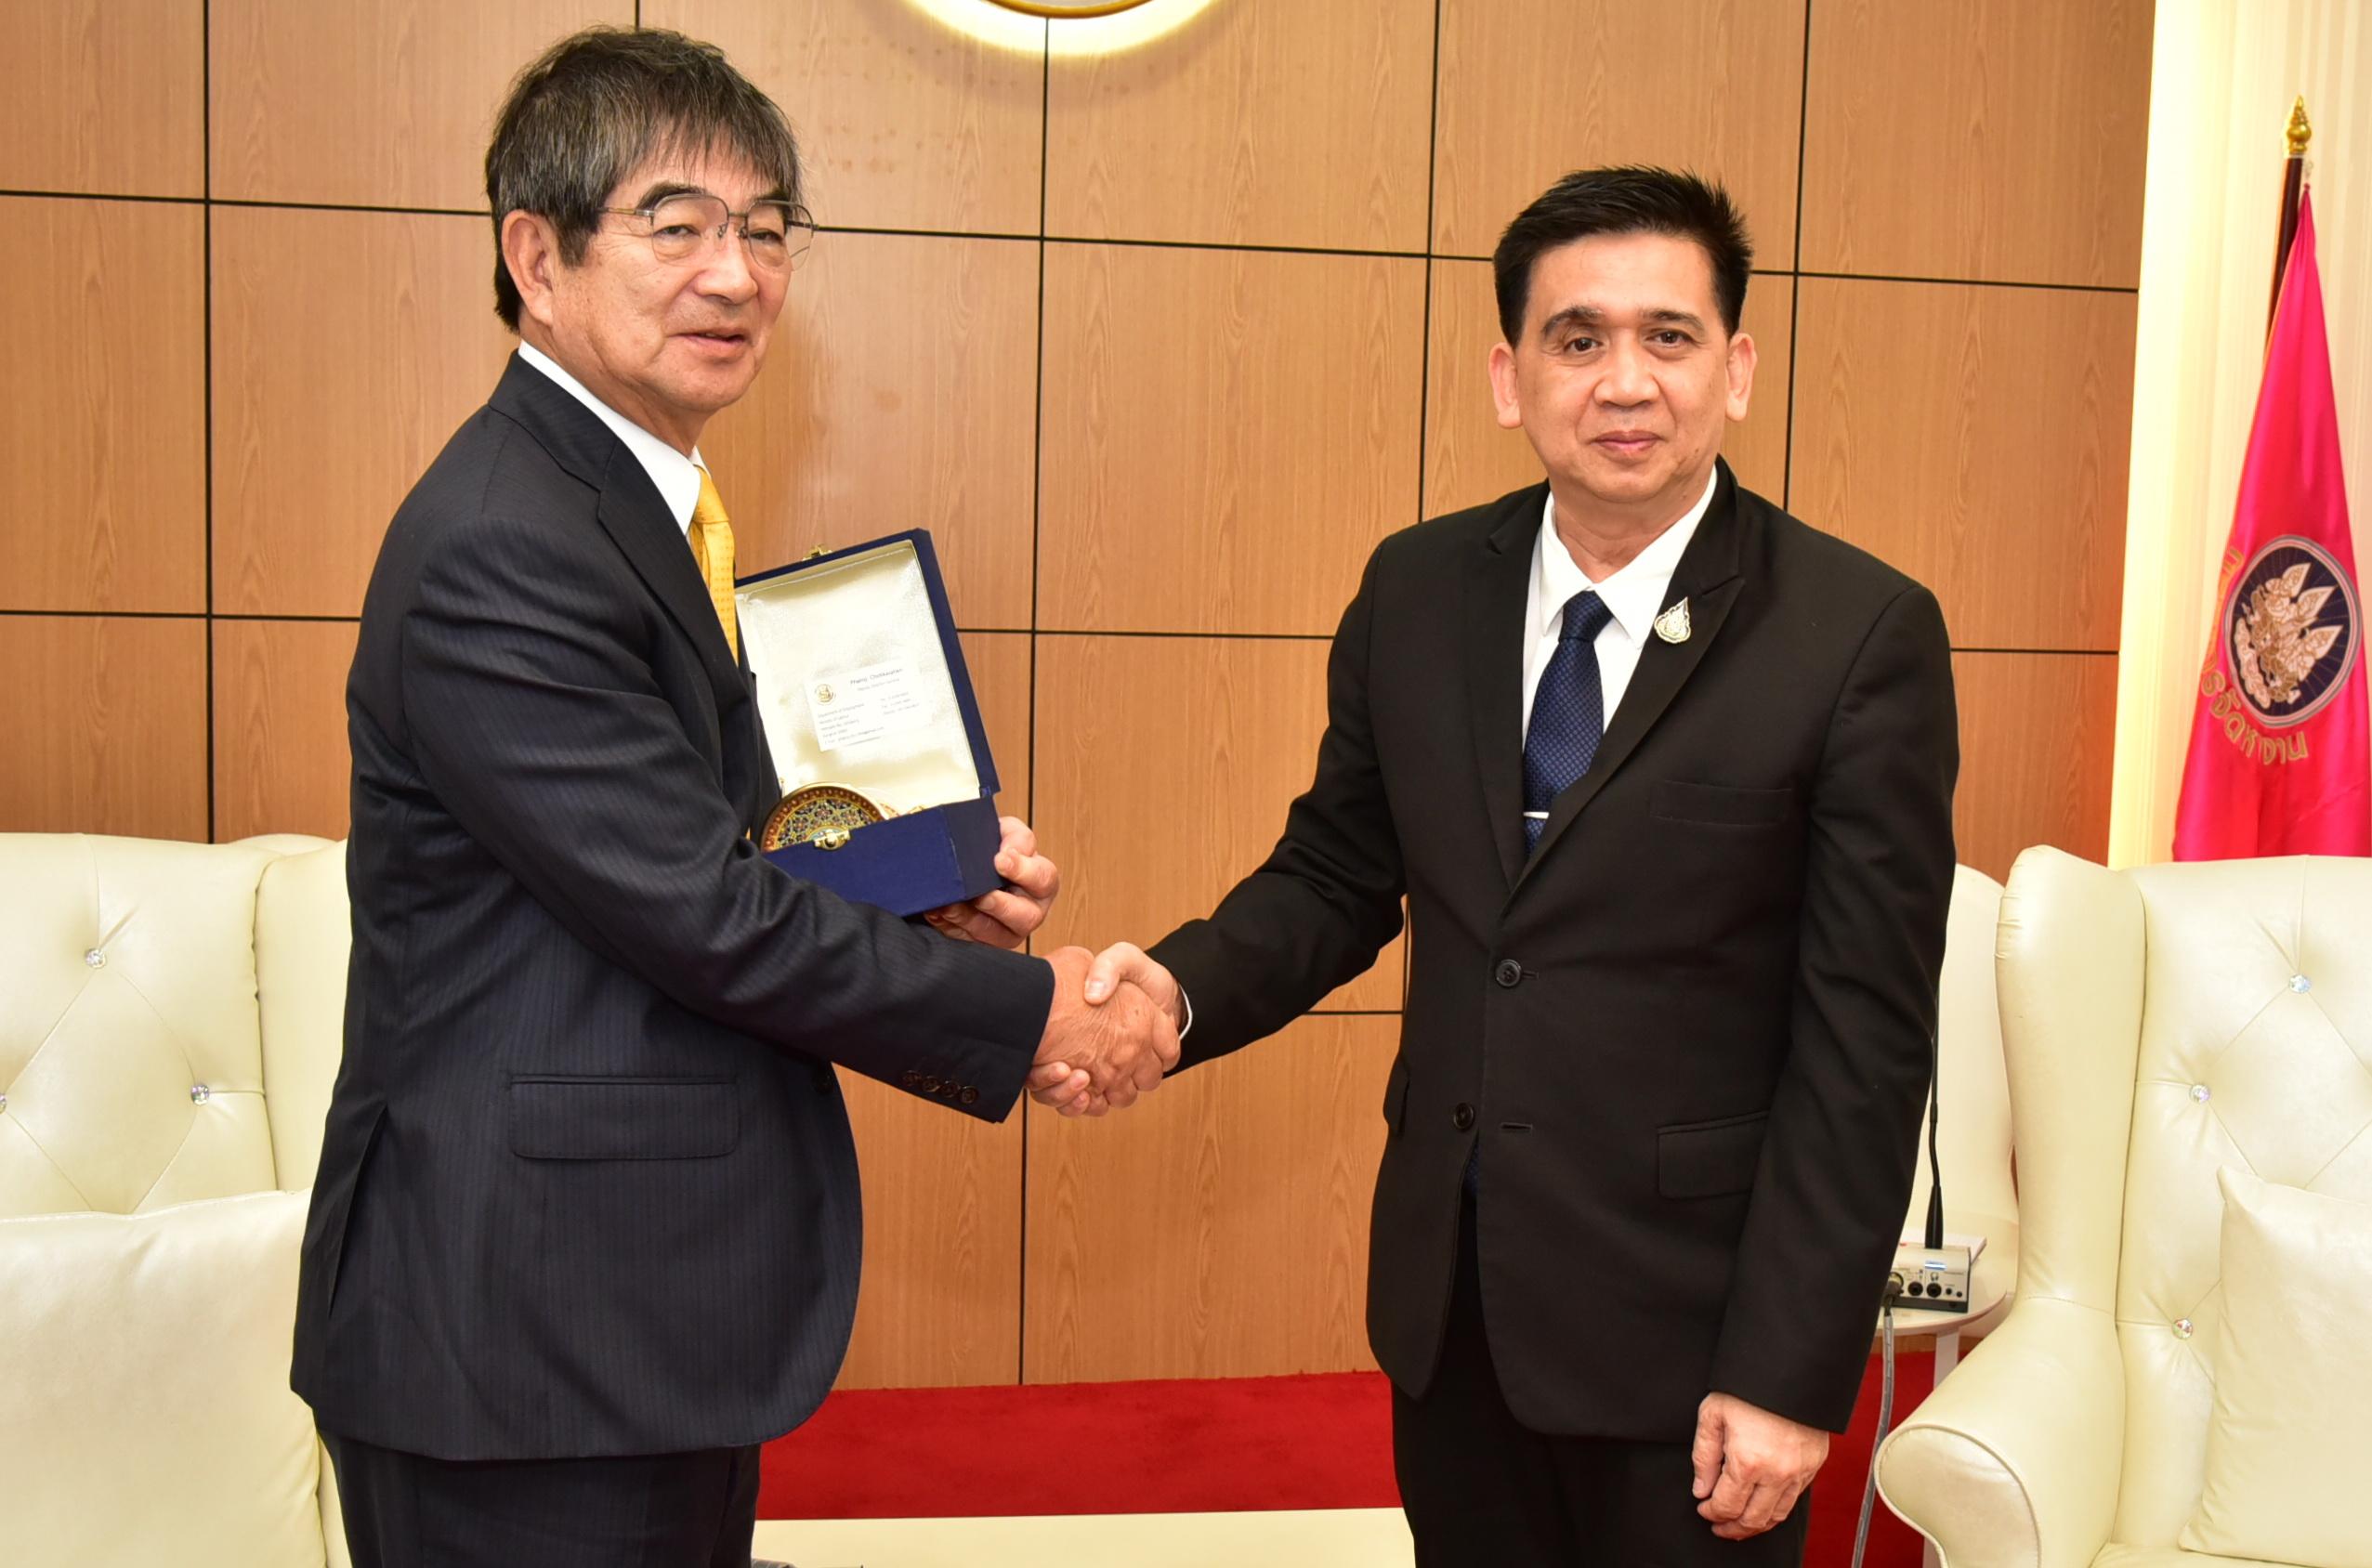 รองอธิบดีกรมการจัดหางาน ให้การต้อนรับ  ประธานองค์กรพัฒนาฝีมือแรงงานระดับนานาชาติ ประเทศญี่ปุ่น  (IM Japan)